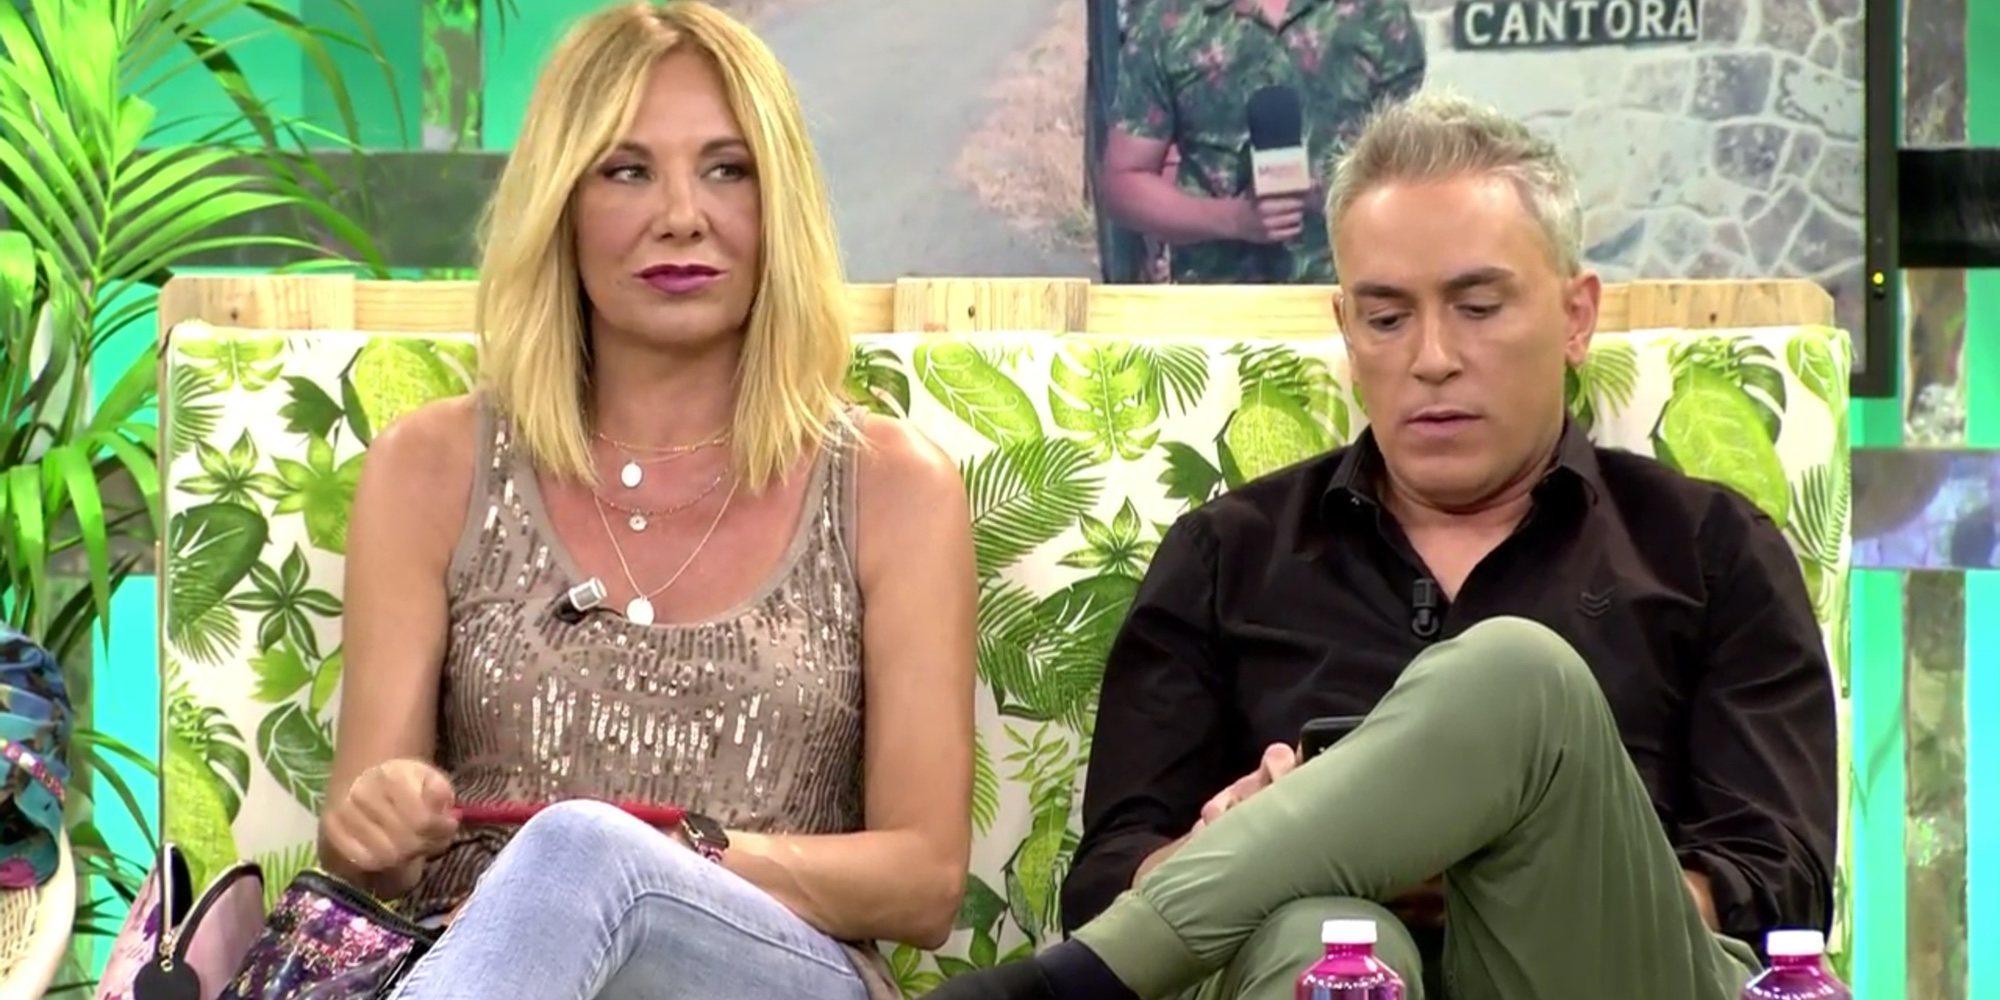 El desplante de Anabel Pantoja a Kiko Hernández y Belén Rodríguez